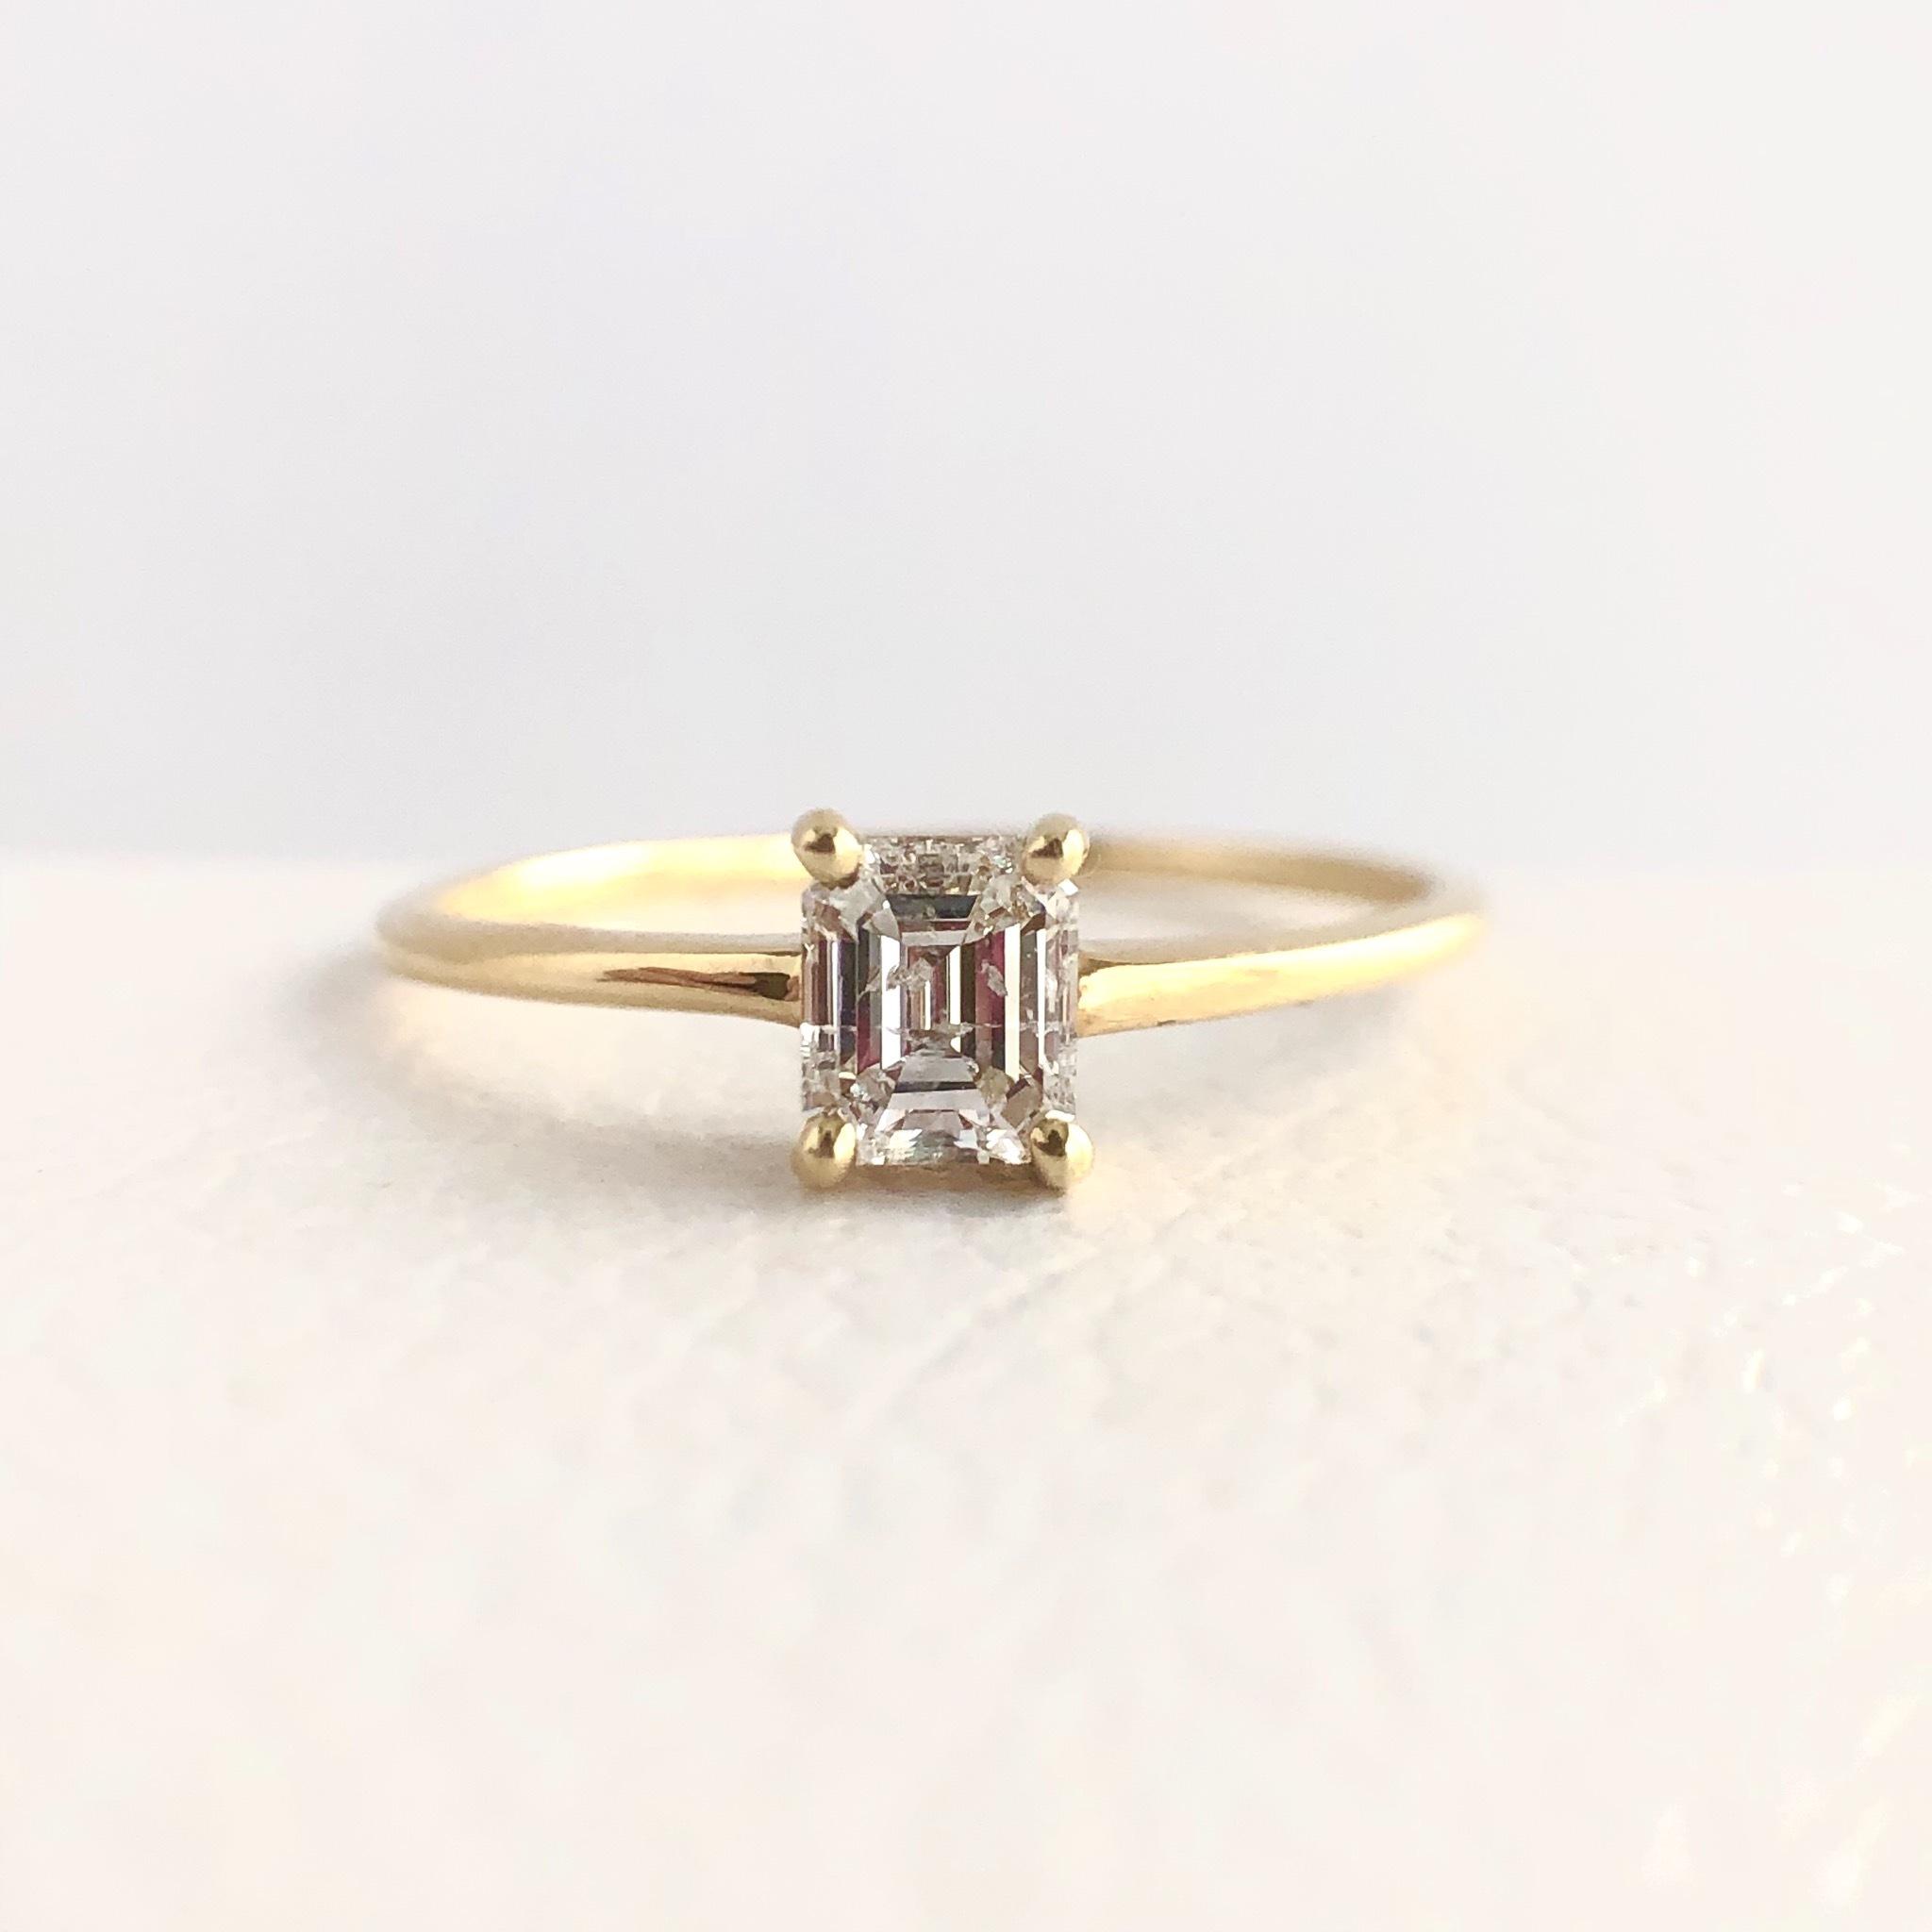 エメラルドカット ダイヤモンド リング 0.28ct  K18イエローゴールド チェカ